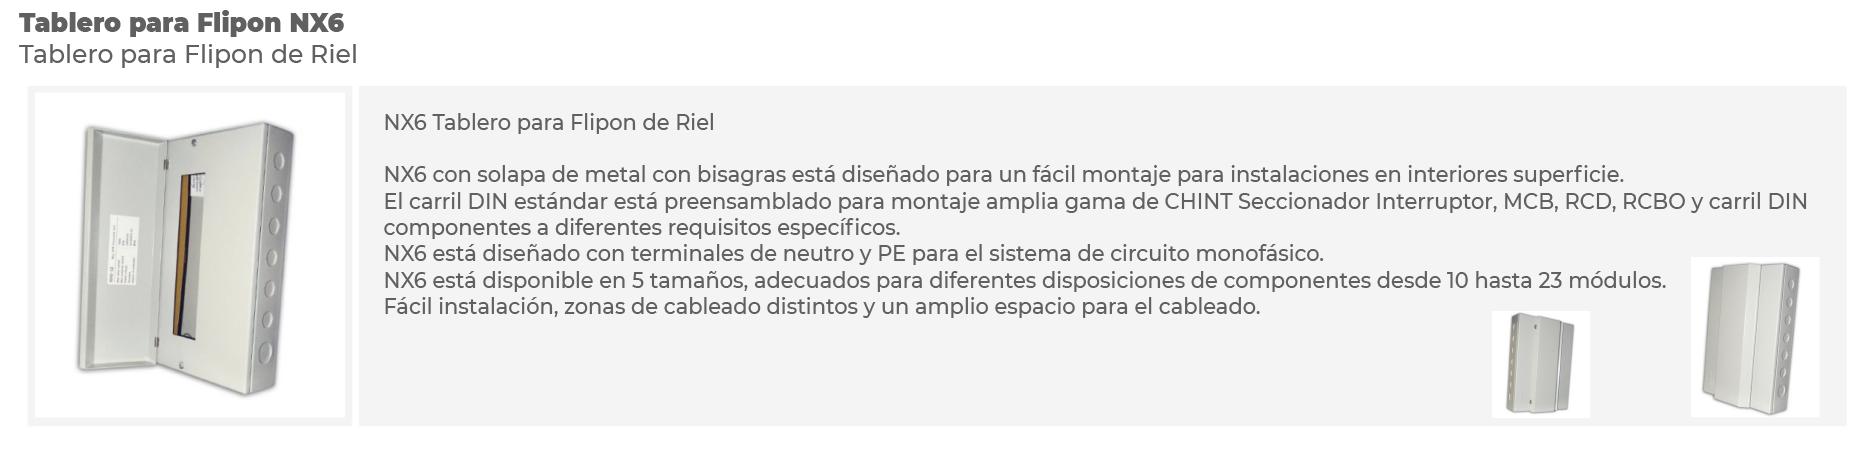 Template Productos Sitio Web_ GABINETES Y CAJAS DE INSTALACION-02.png